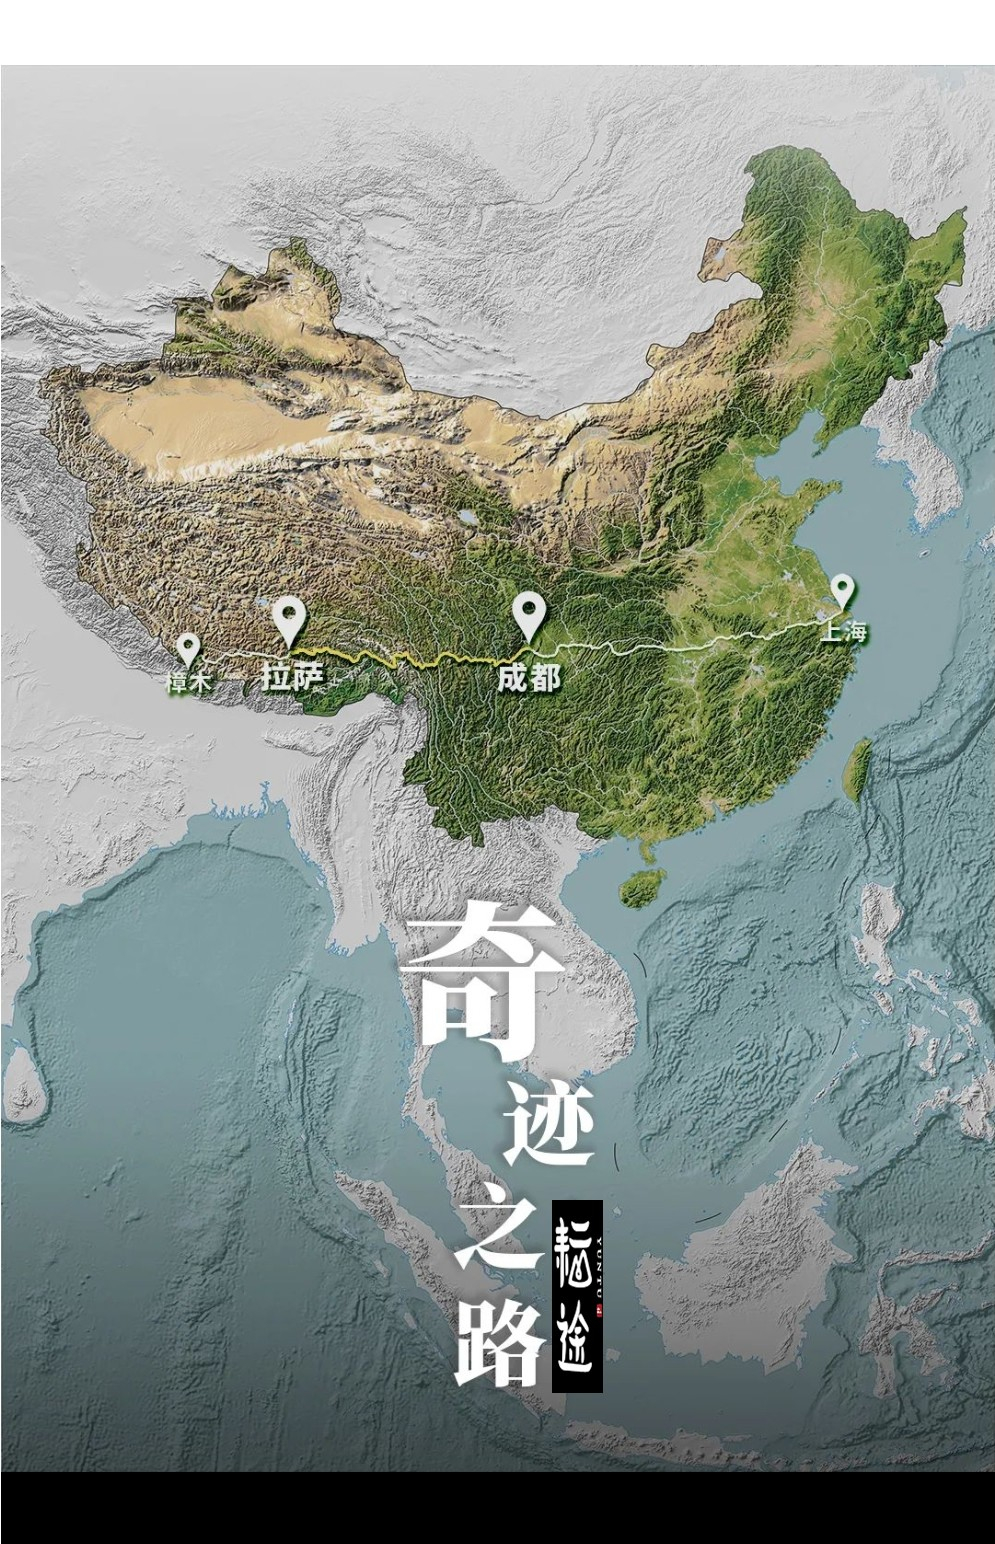 去过西藏的人都进来看看,这些地方你还能记得吗?